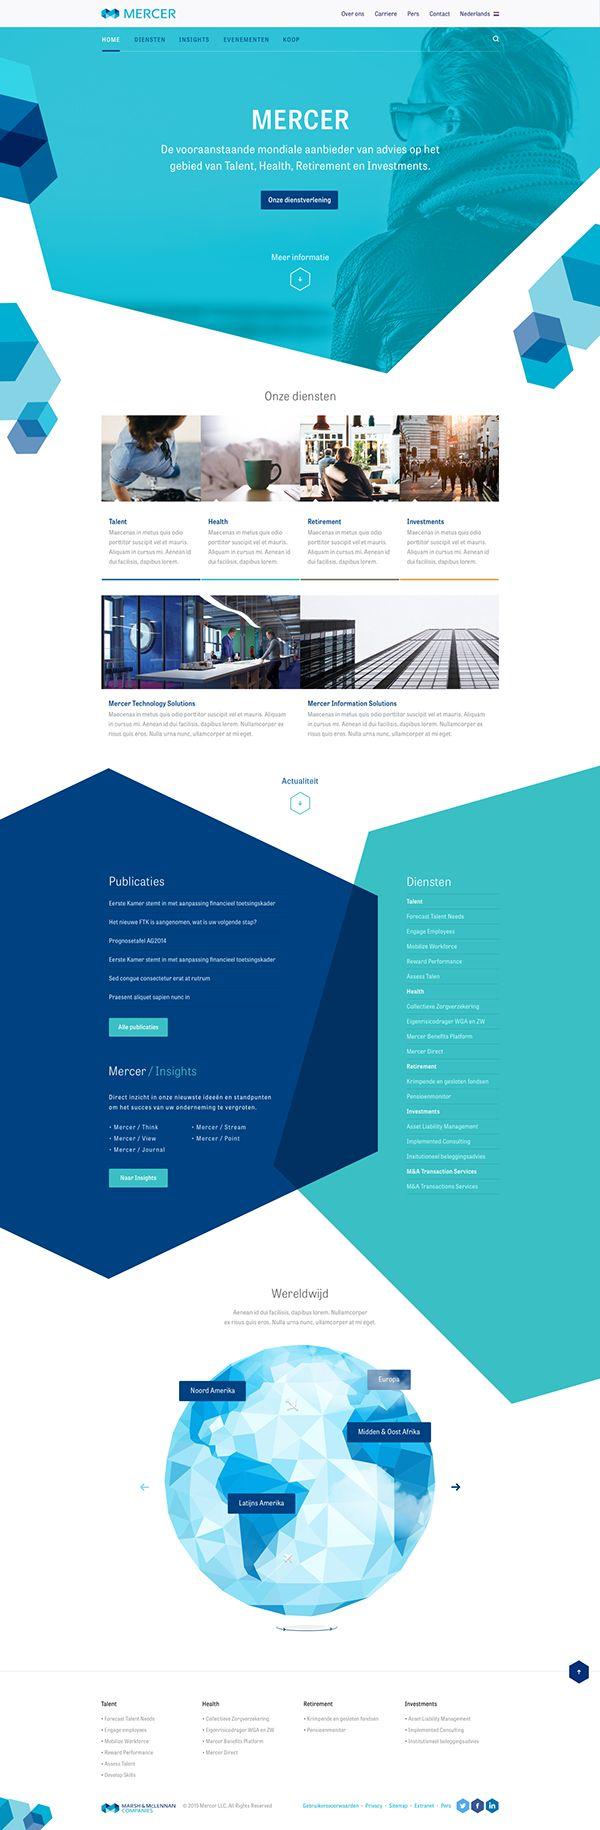 Webdesigninspirarion design pinterest interfaz de for Site web de houseoftheweek